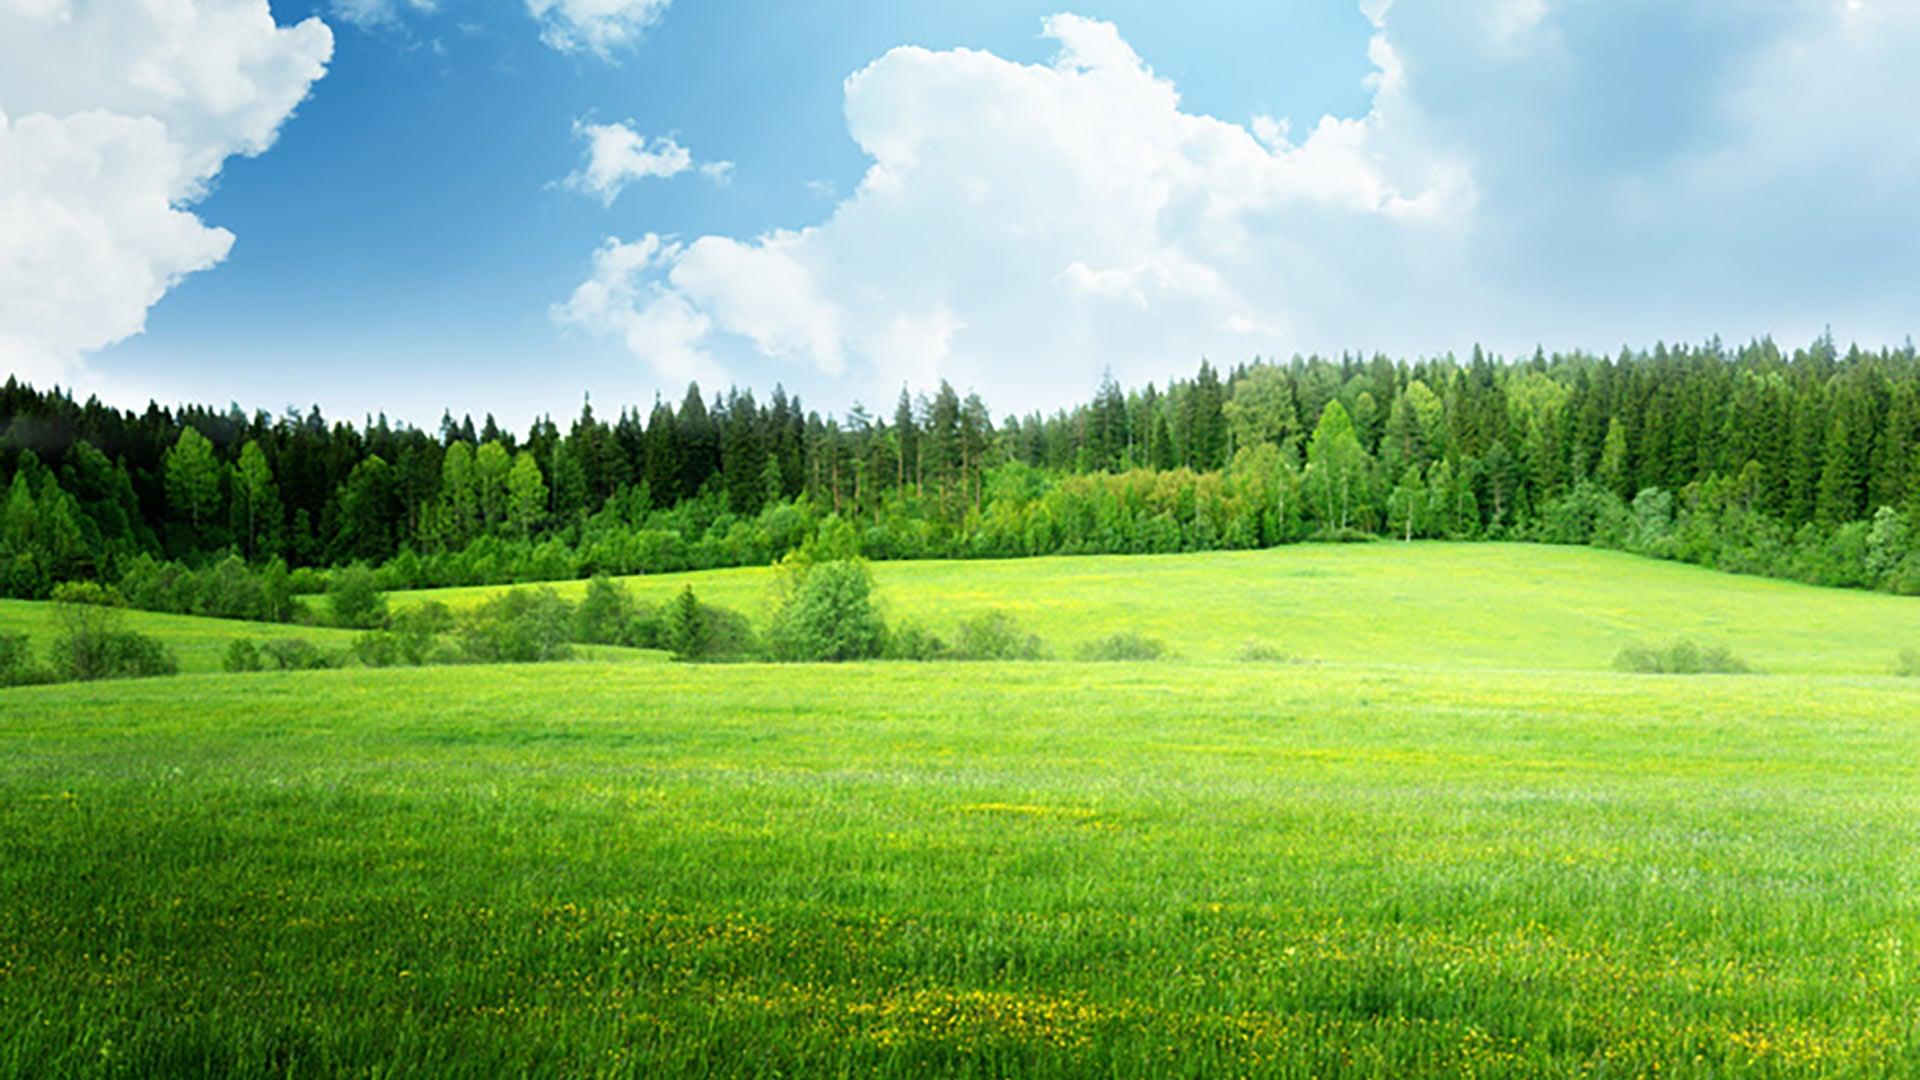 Saftig grüne Landschaft